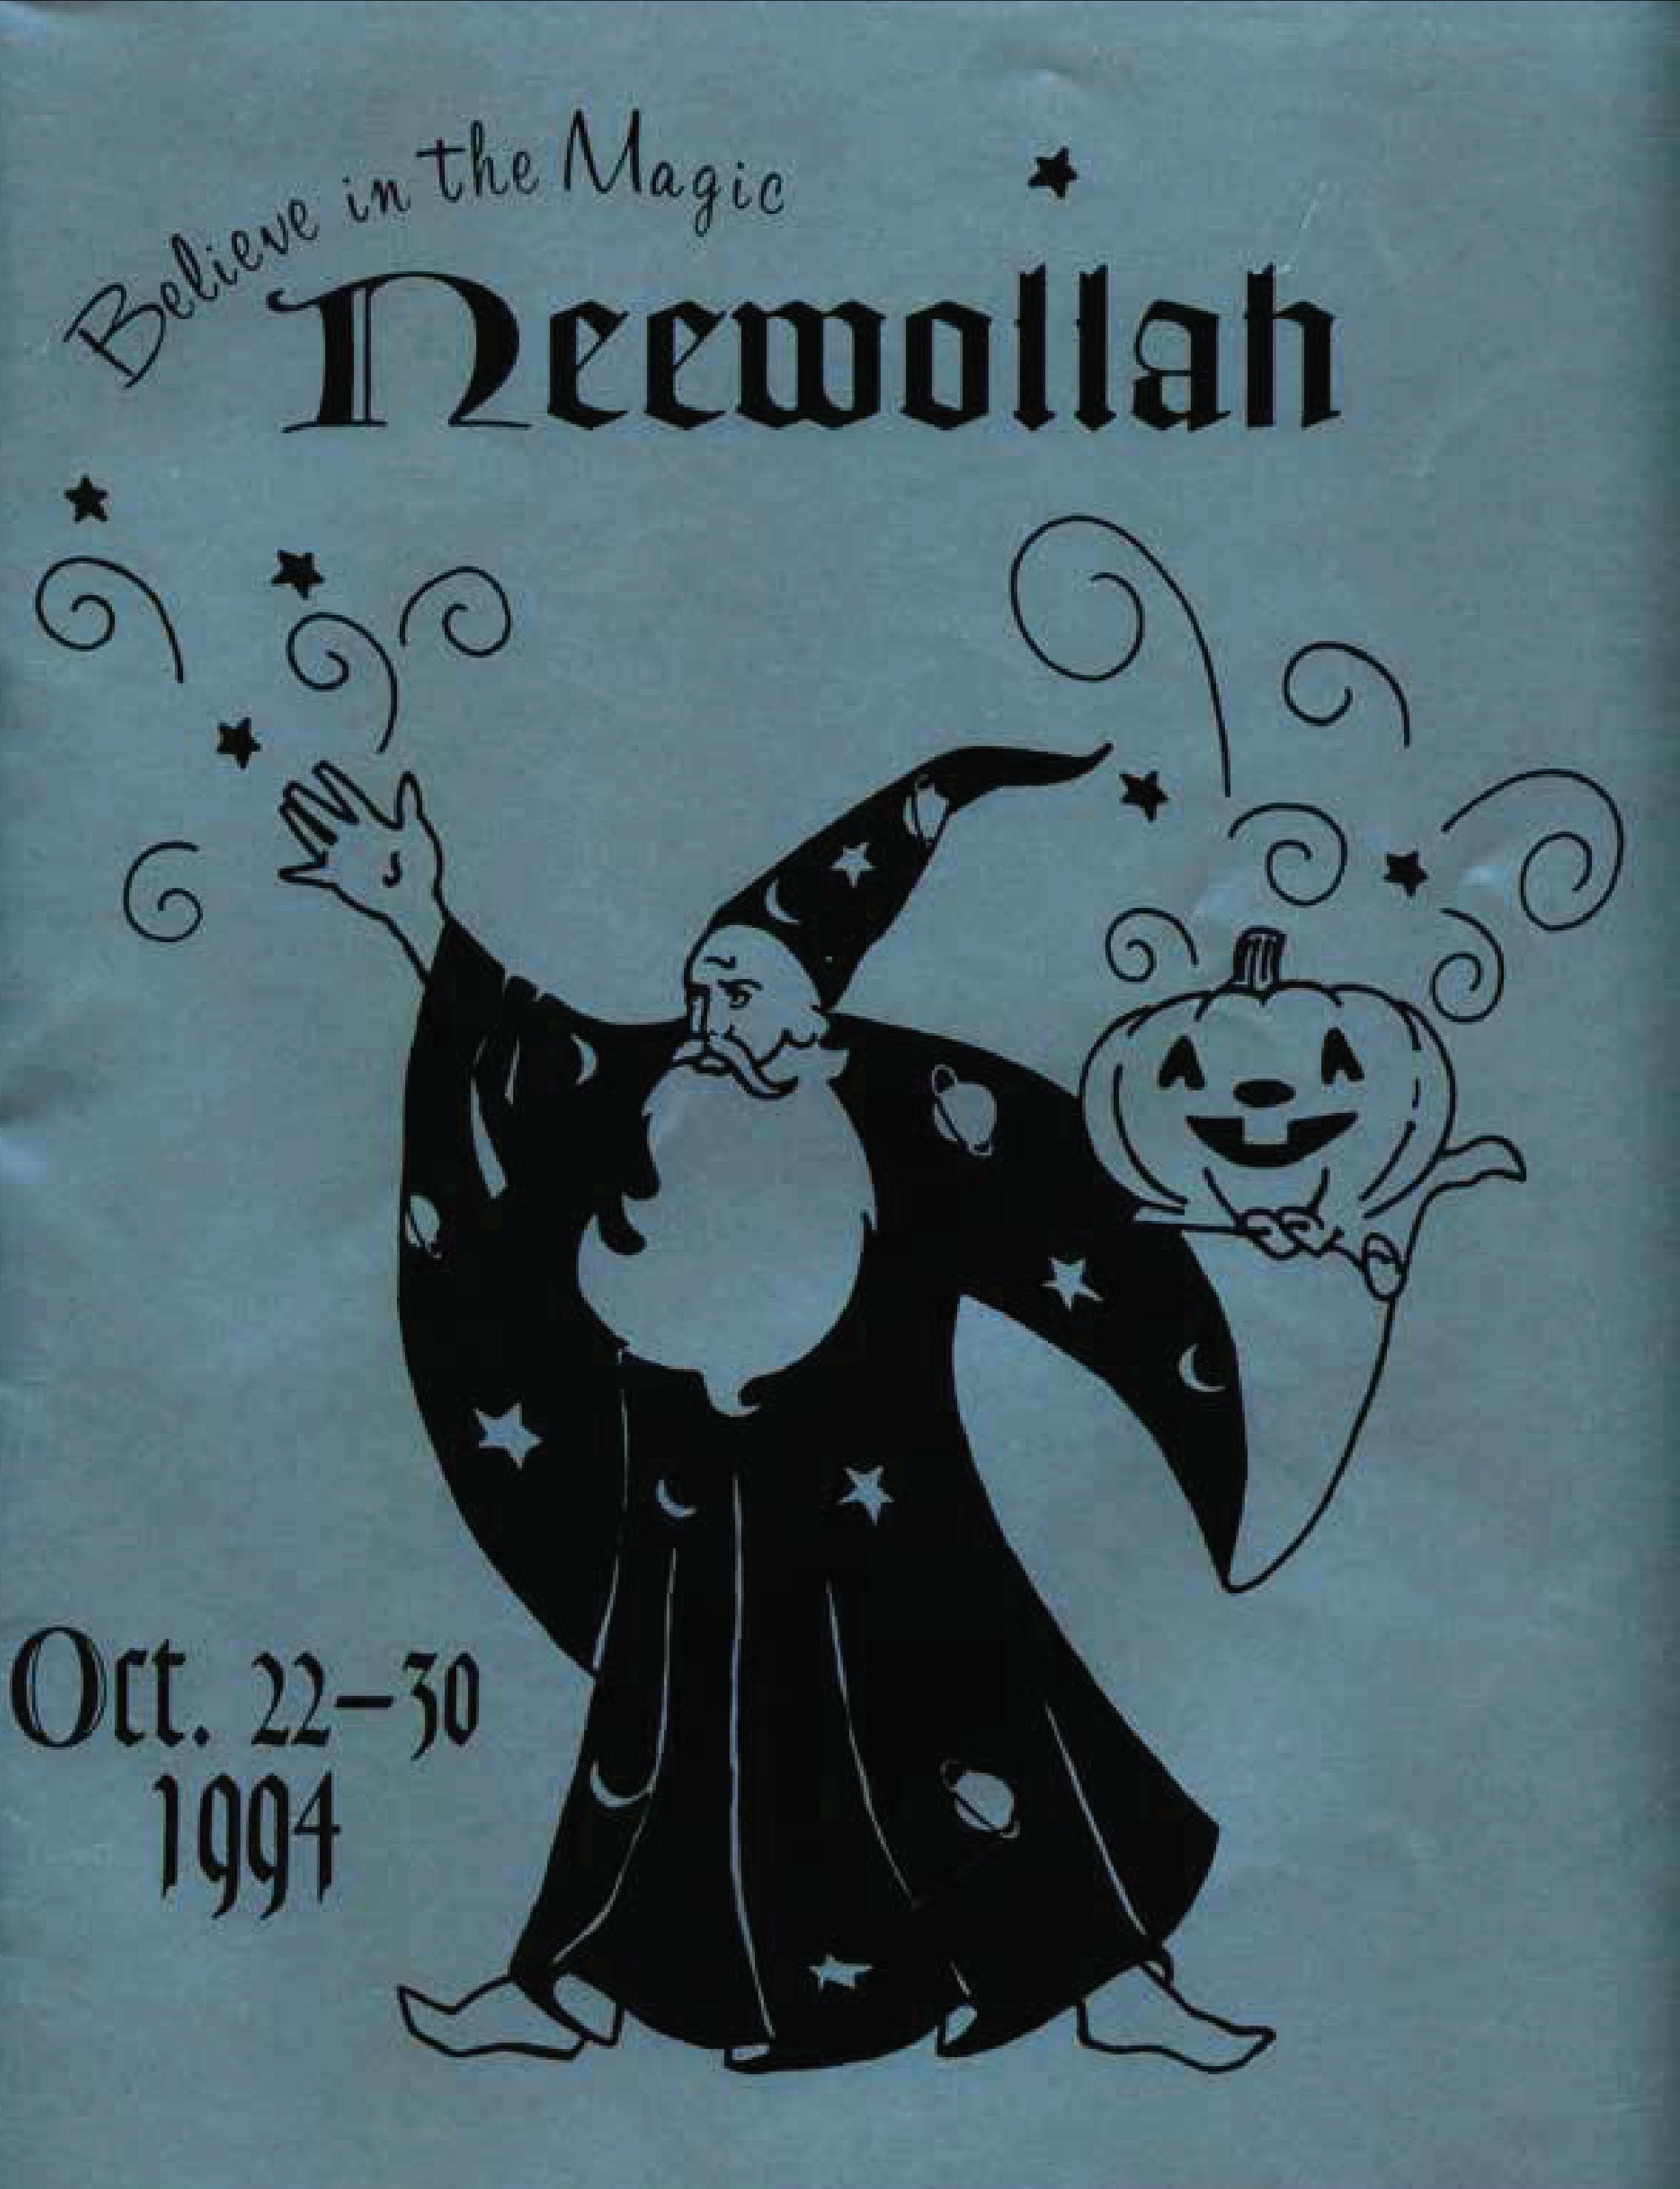 Neewollah 1994